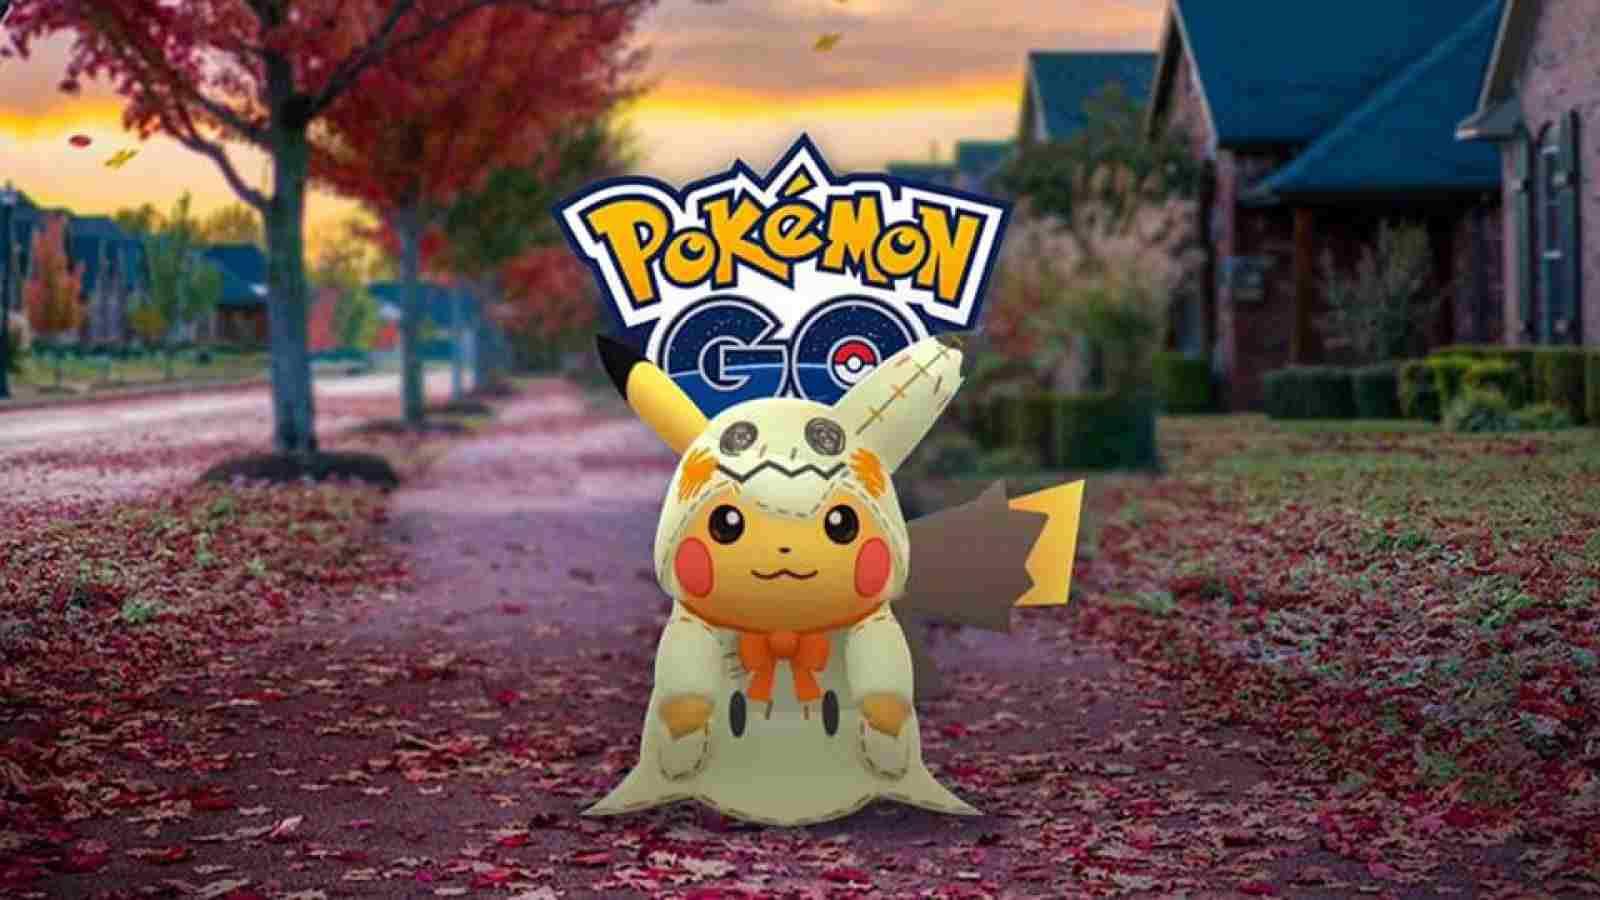 Pokemon-Go-Halloween-Event-2019